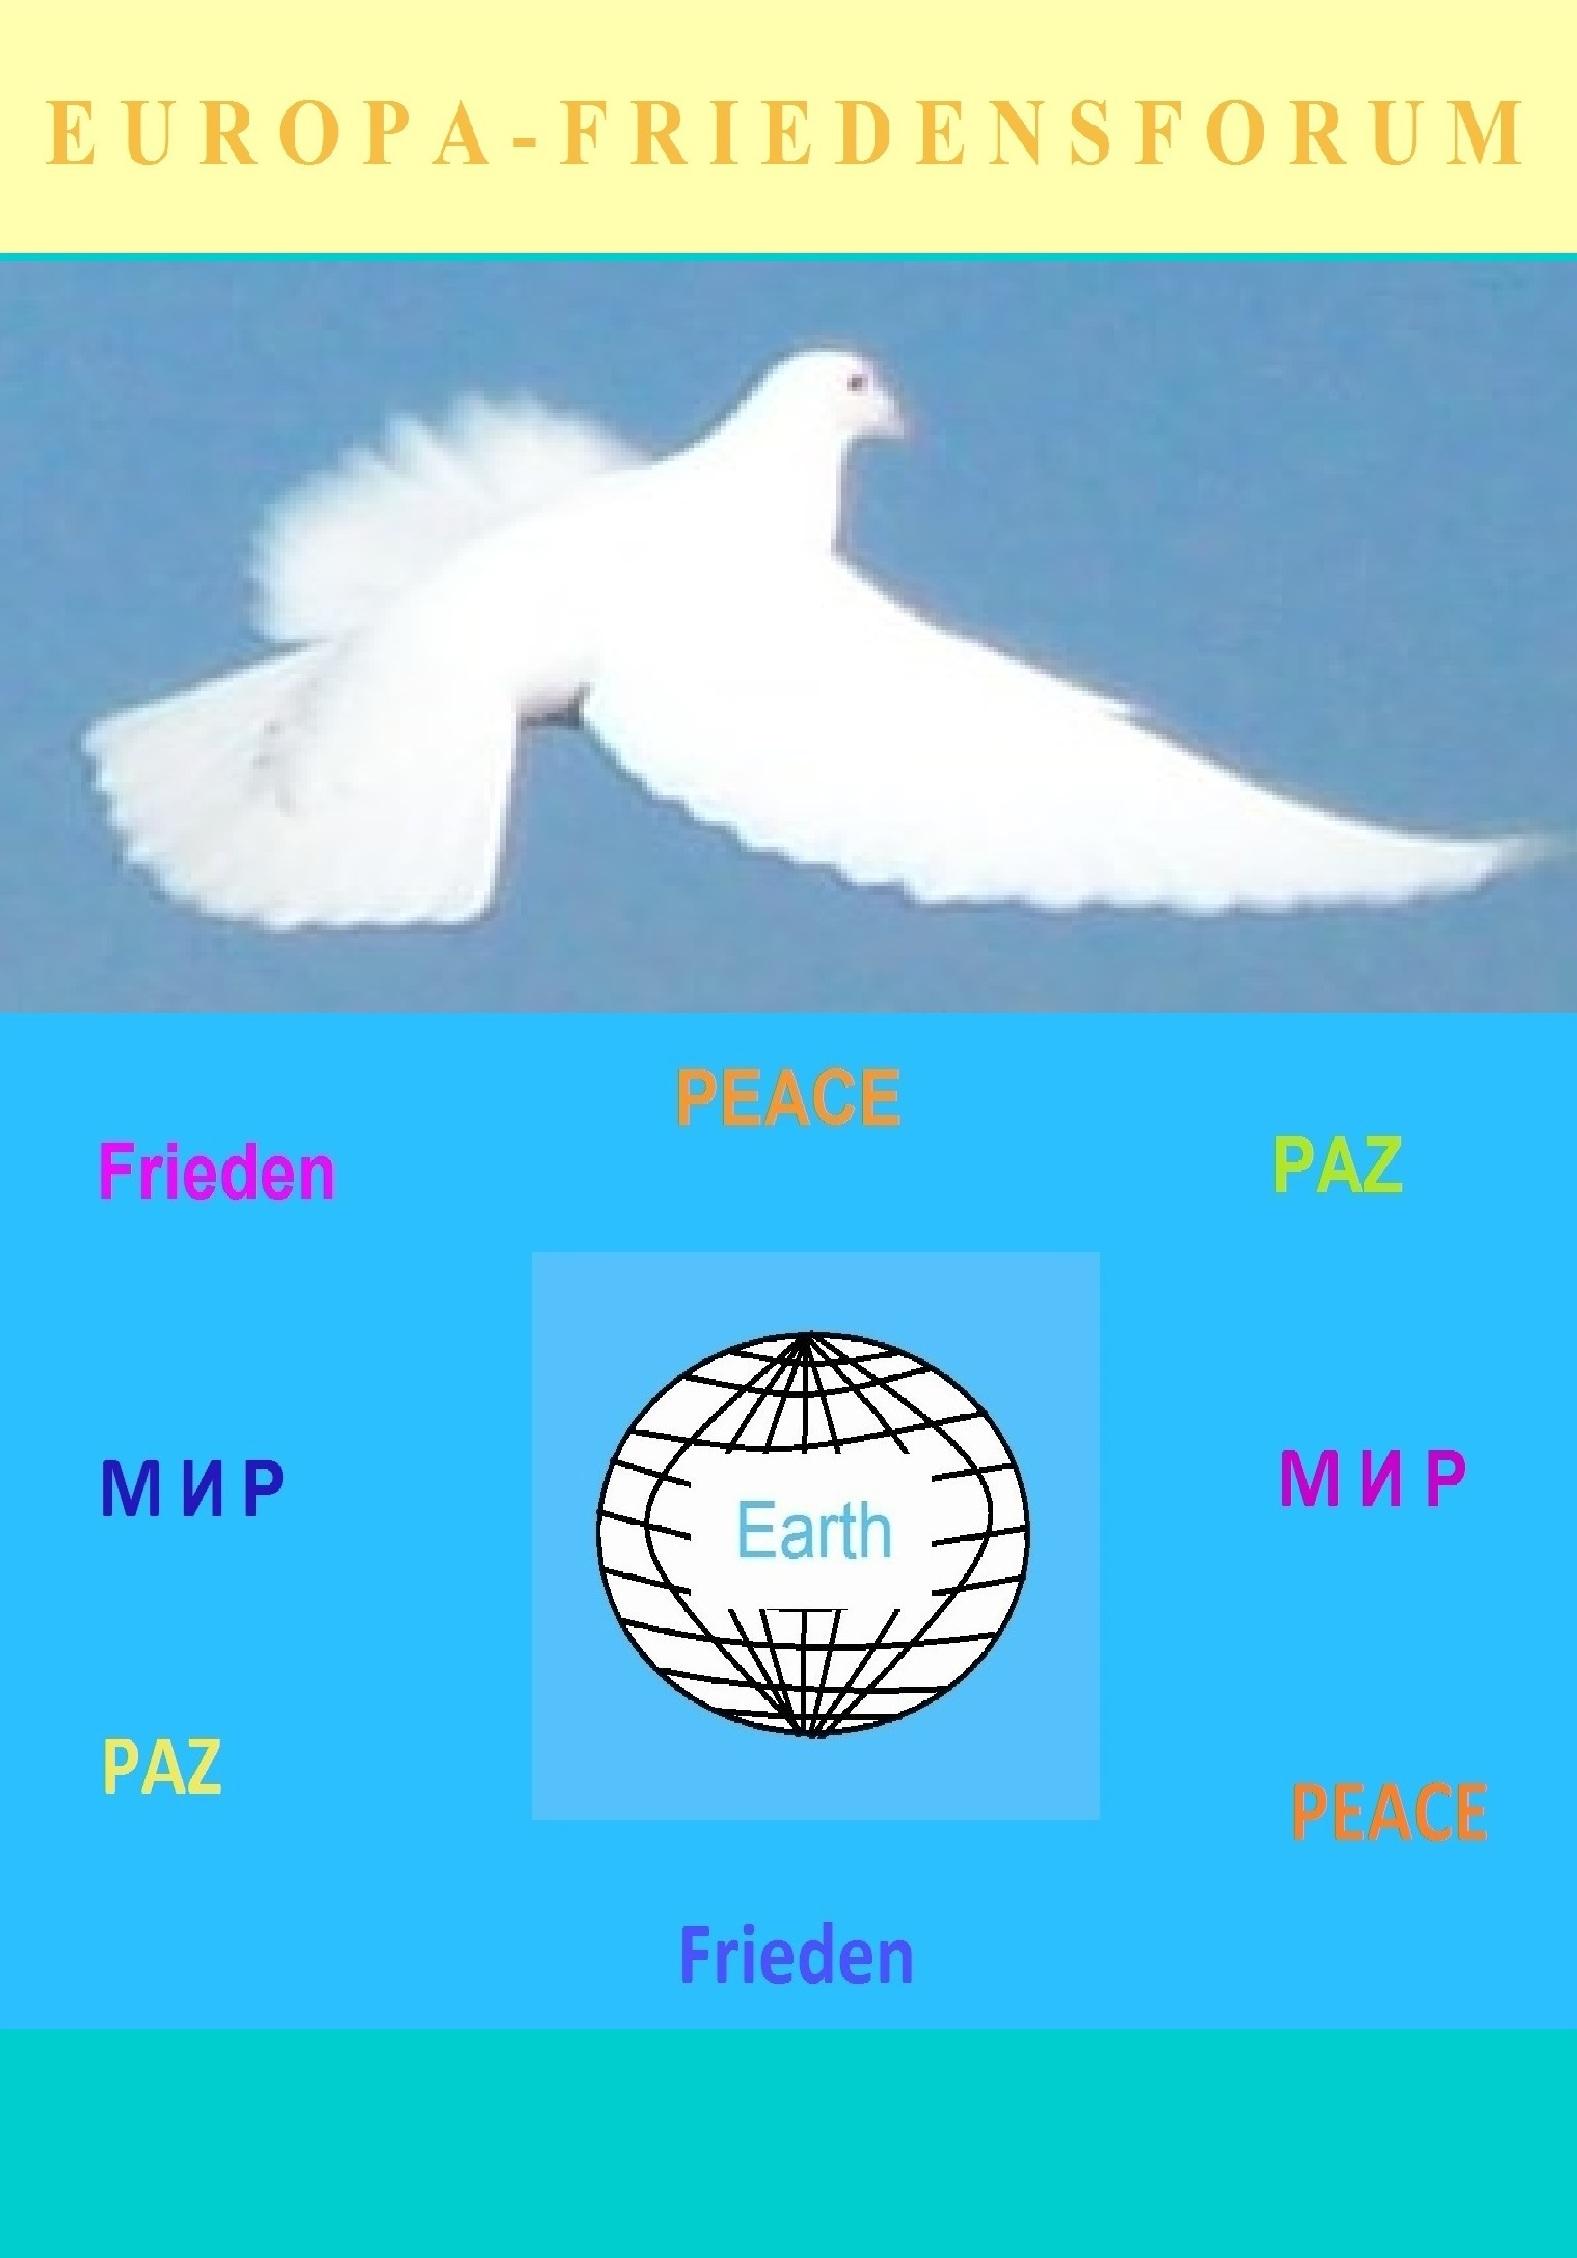 Europa-Friedensforum auf Ostsee-Rundschau.de - Frieden überall auf der Welt! - Grafik: Eckart Kreitlow